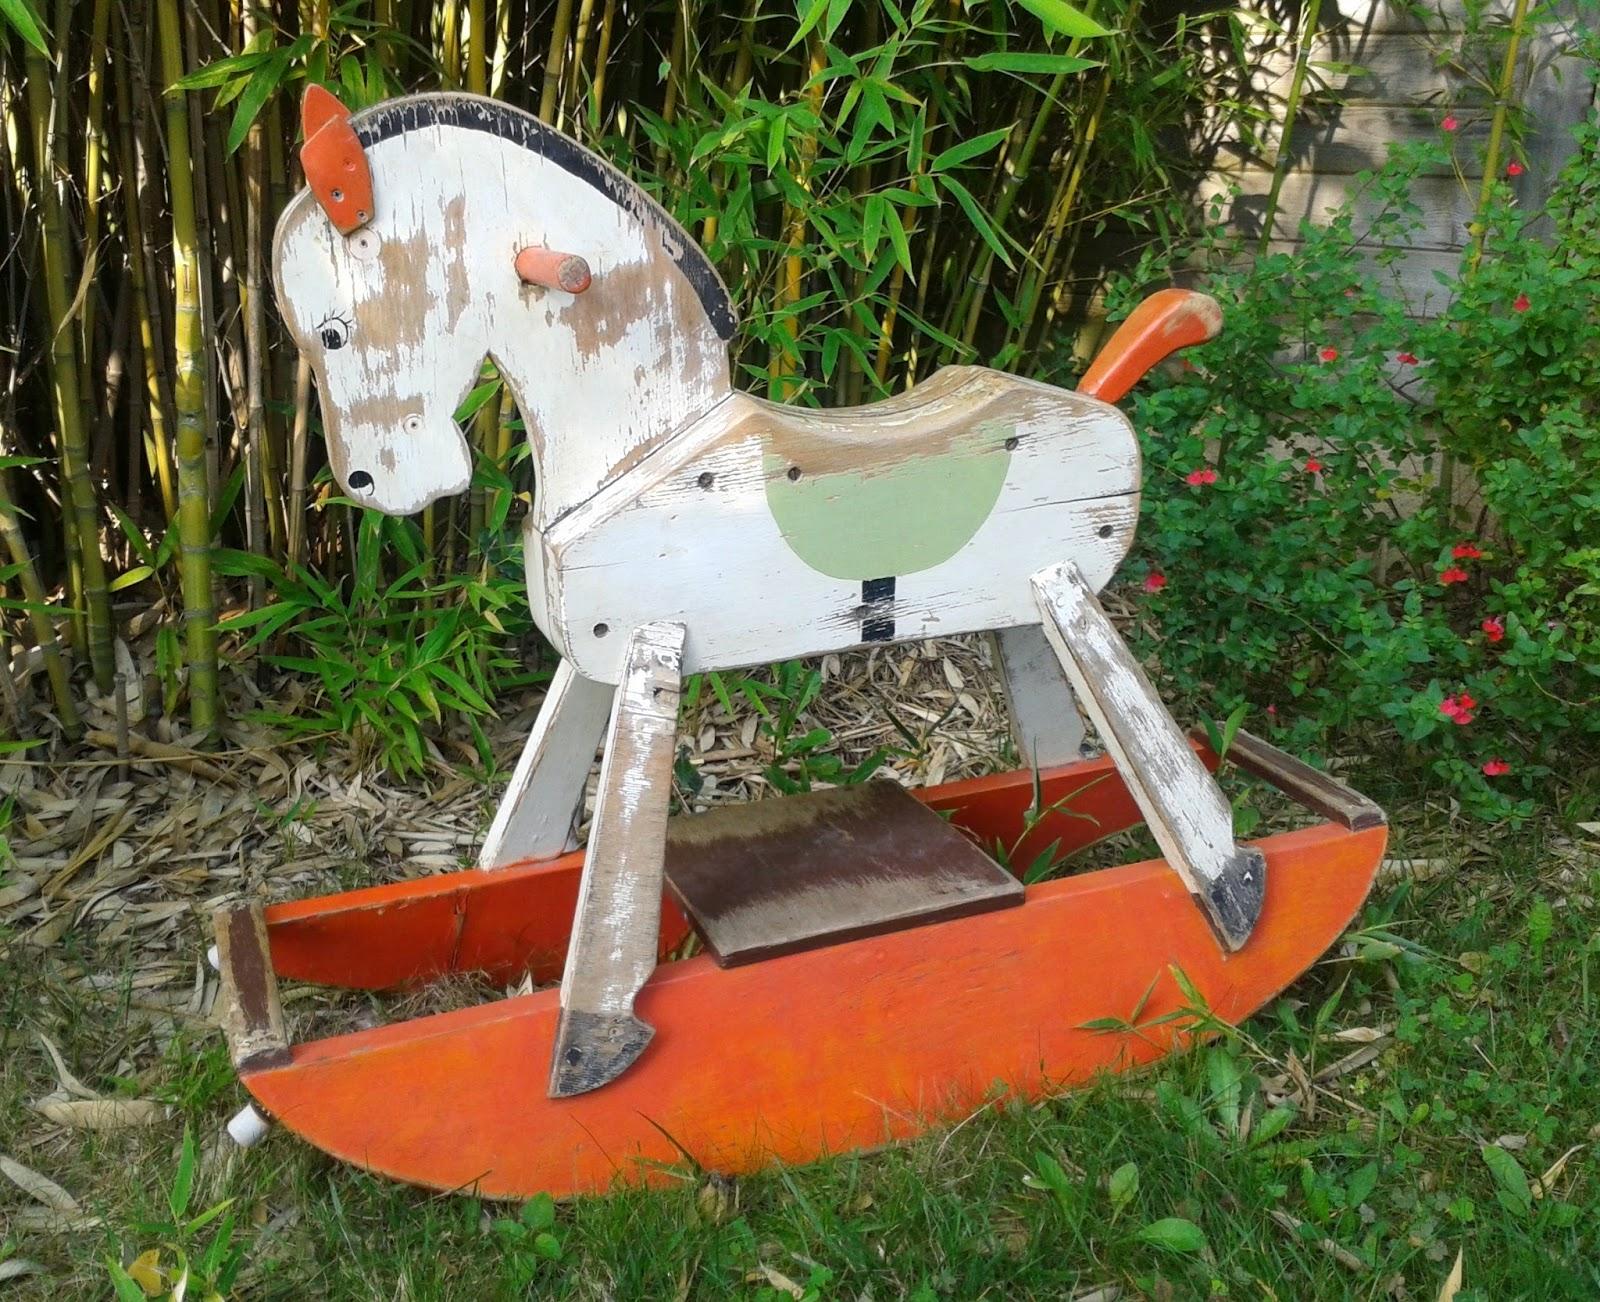 cheval à bascule vintage en bois, couleurs